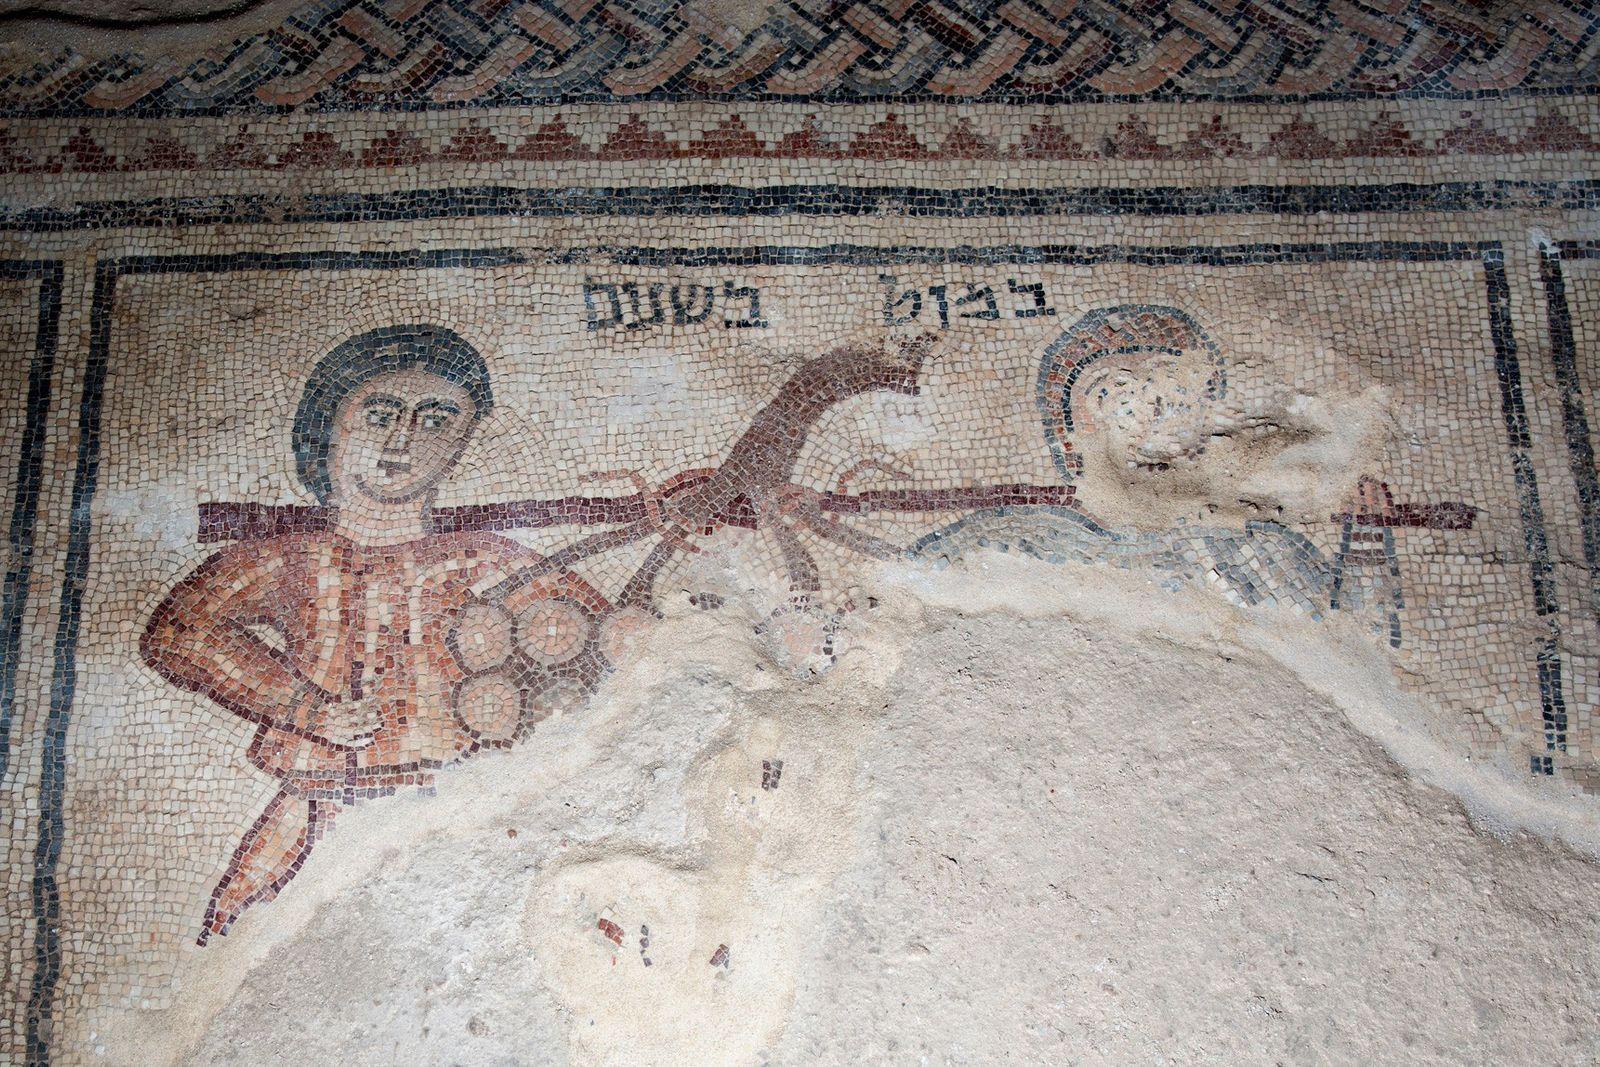 Découverte des espions de Moïse sur une mosaïque vieille de 1 500 ans